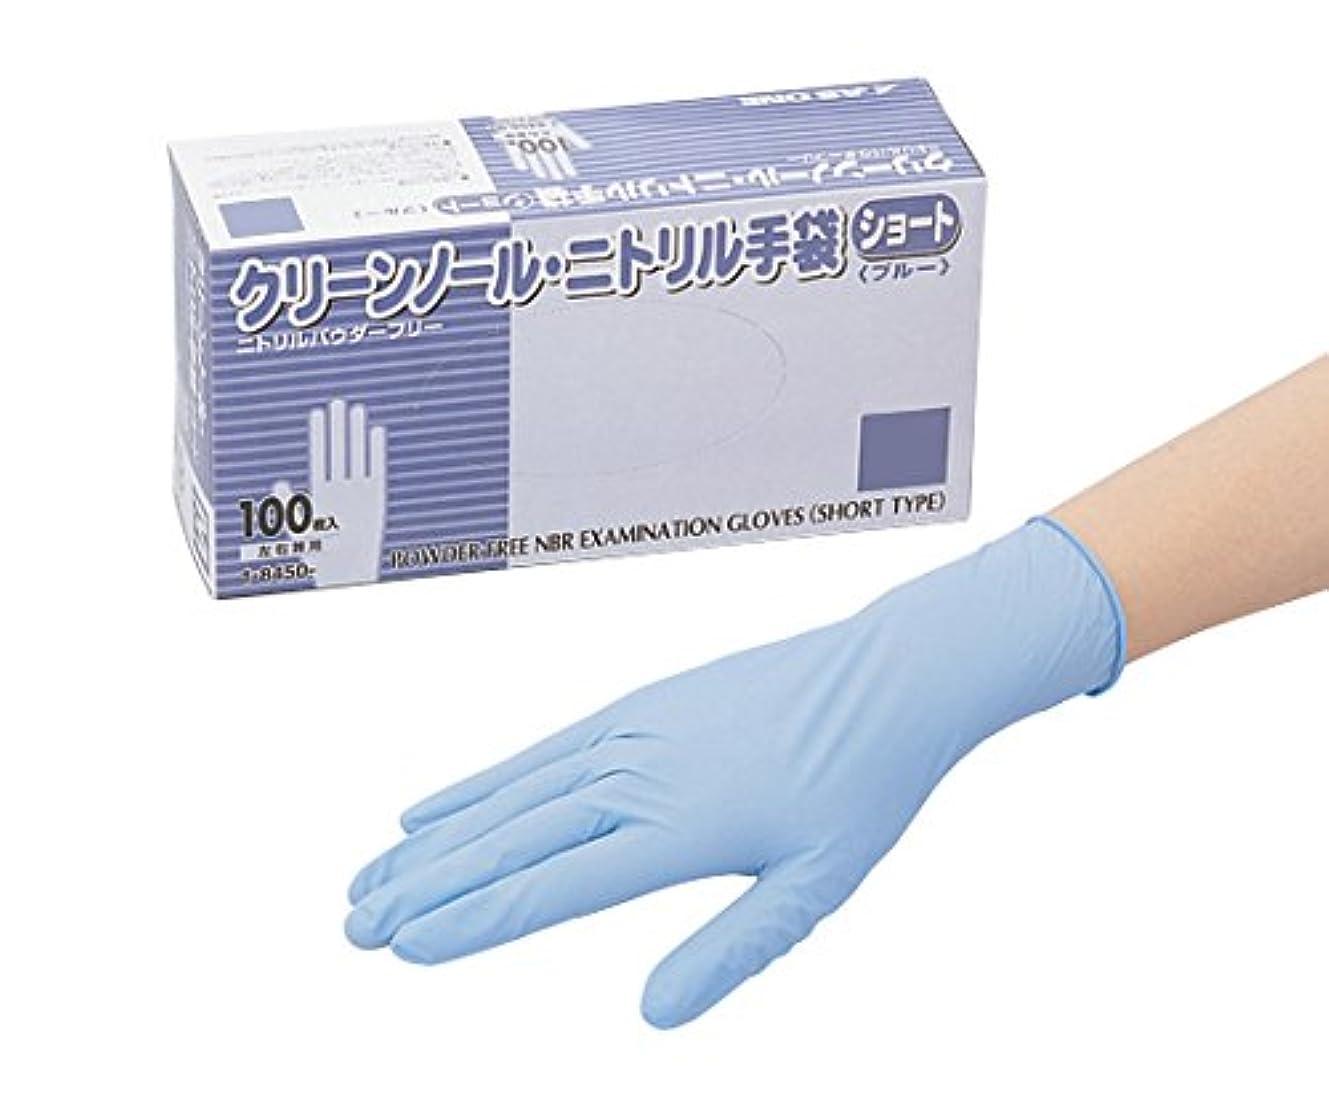 嫉妬食物公アズワン1-8450-21クリーンノールニトリル手袋ショート(パウダーフリ-)ブルーL100枚入